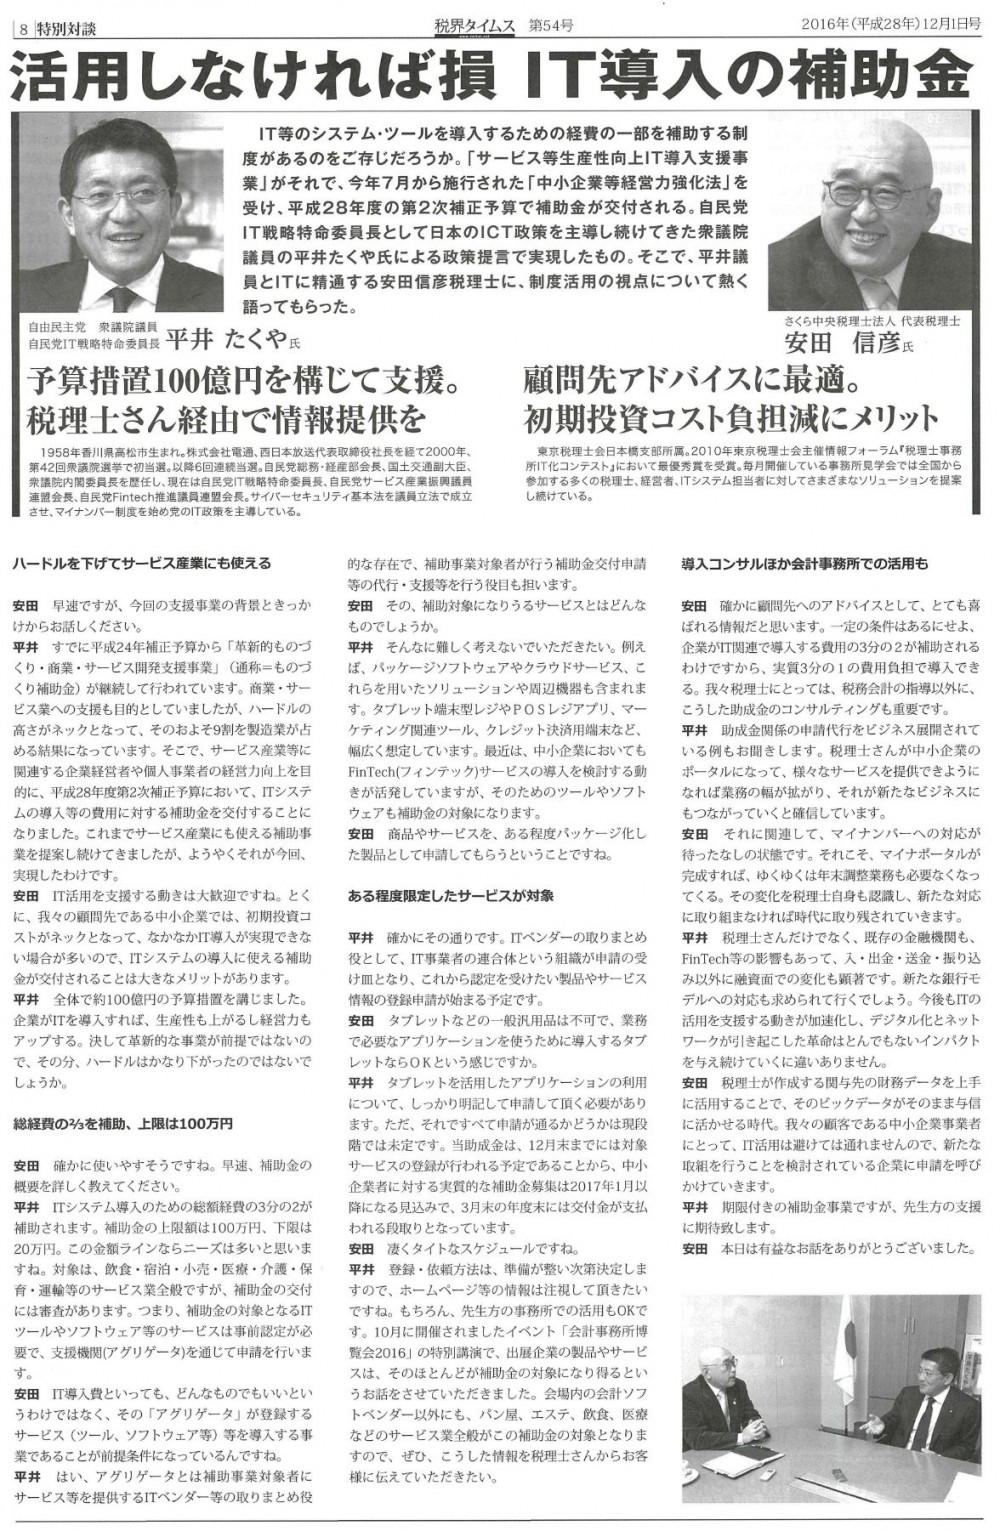 取材報告@税界タイムスVol.054